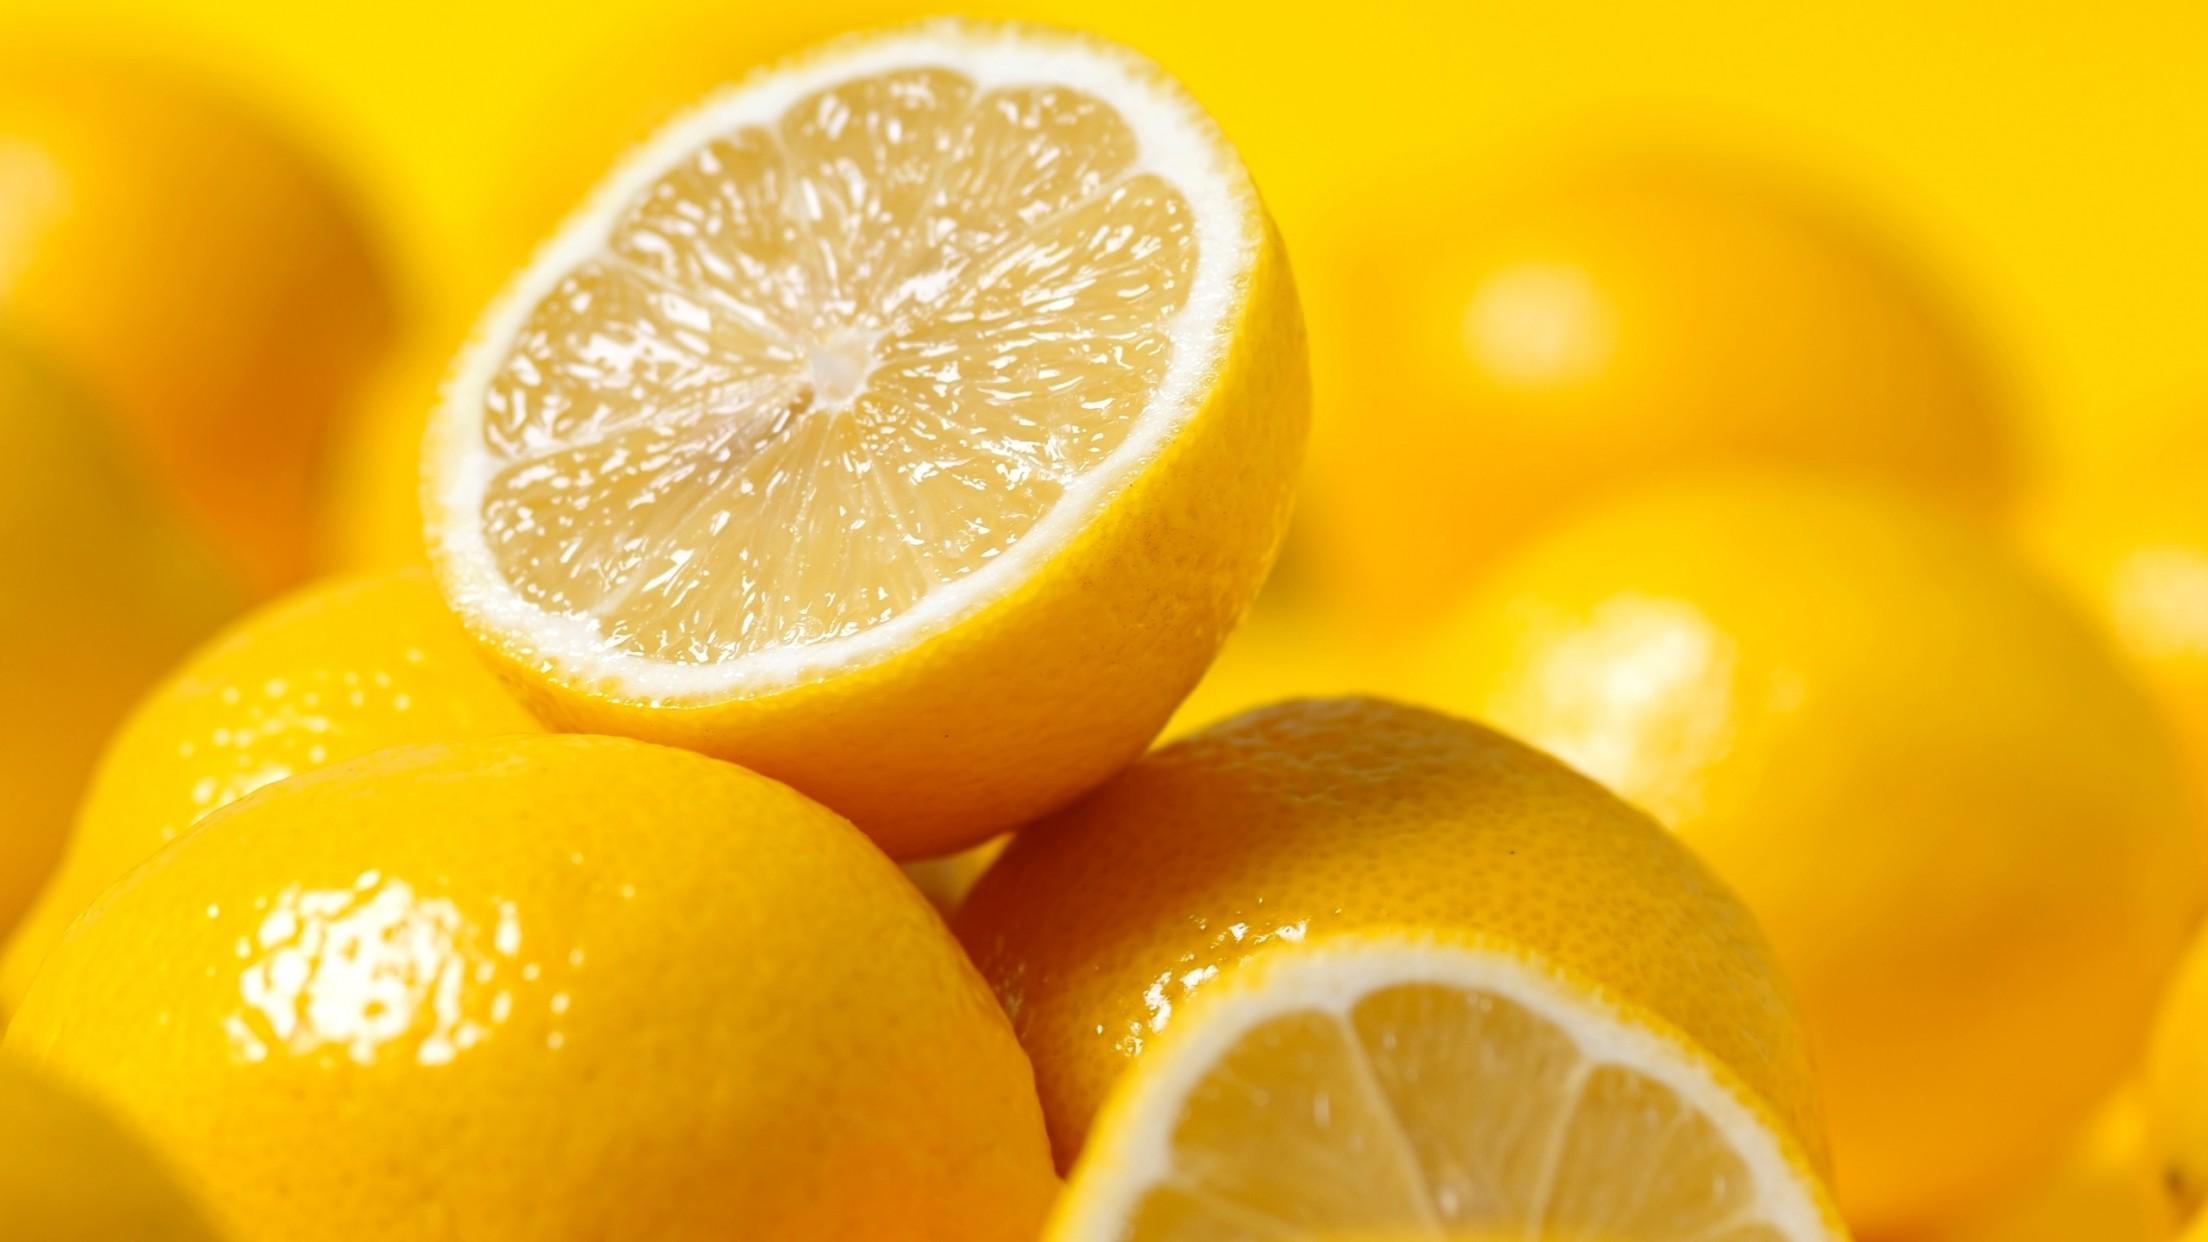 Jak uzyskać więcej soku z cytryny!